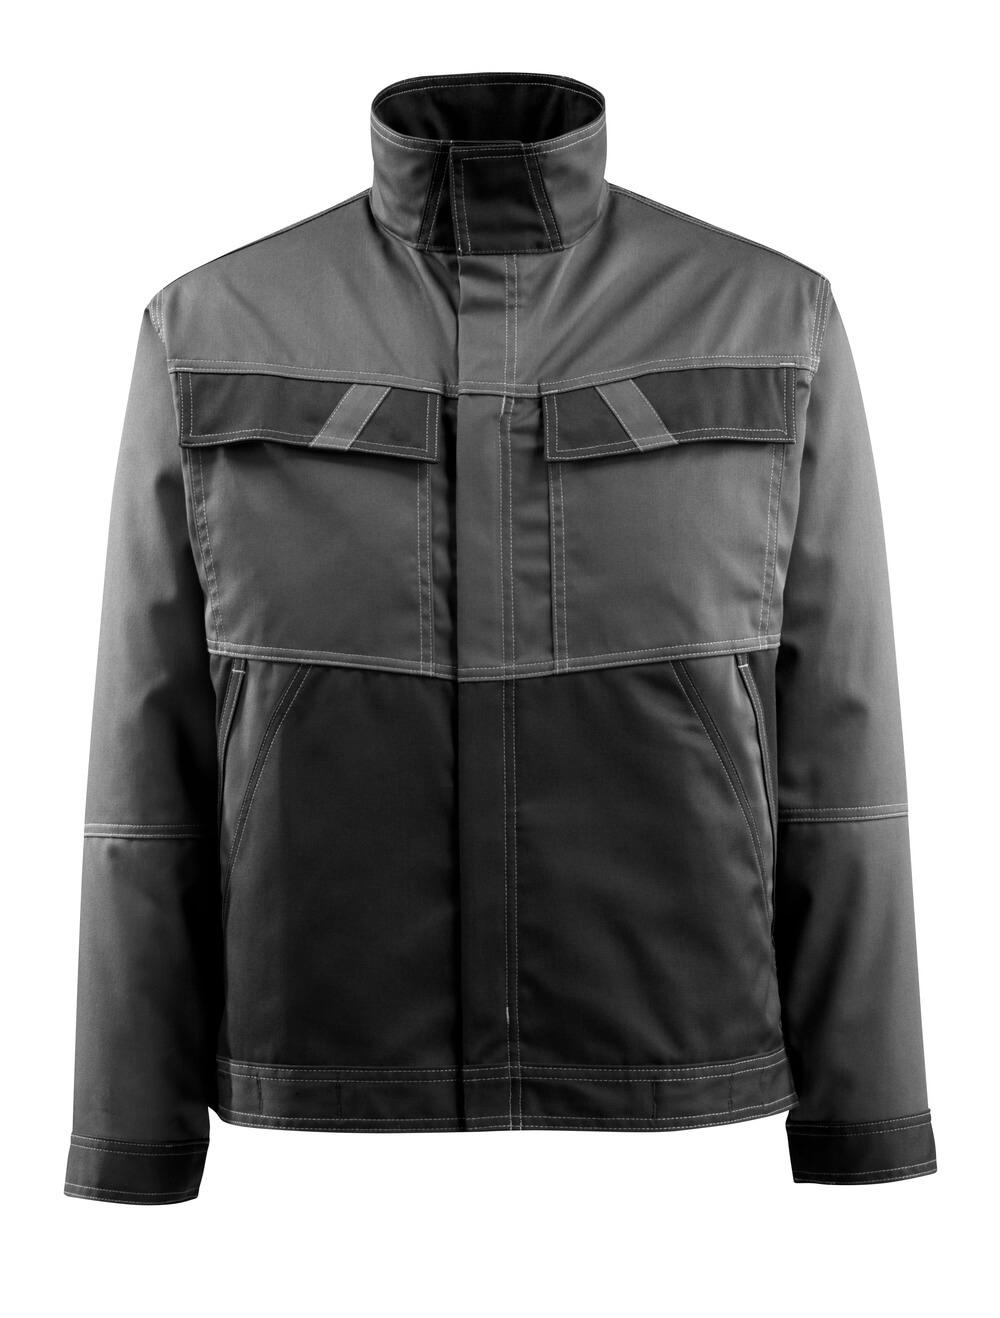 15709-330-1809 Jacket - dark anthracite/black